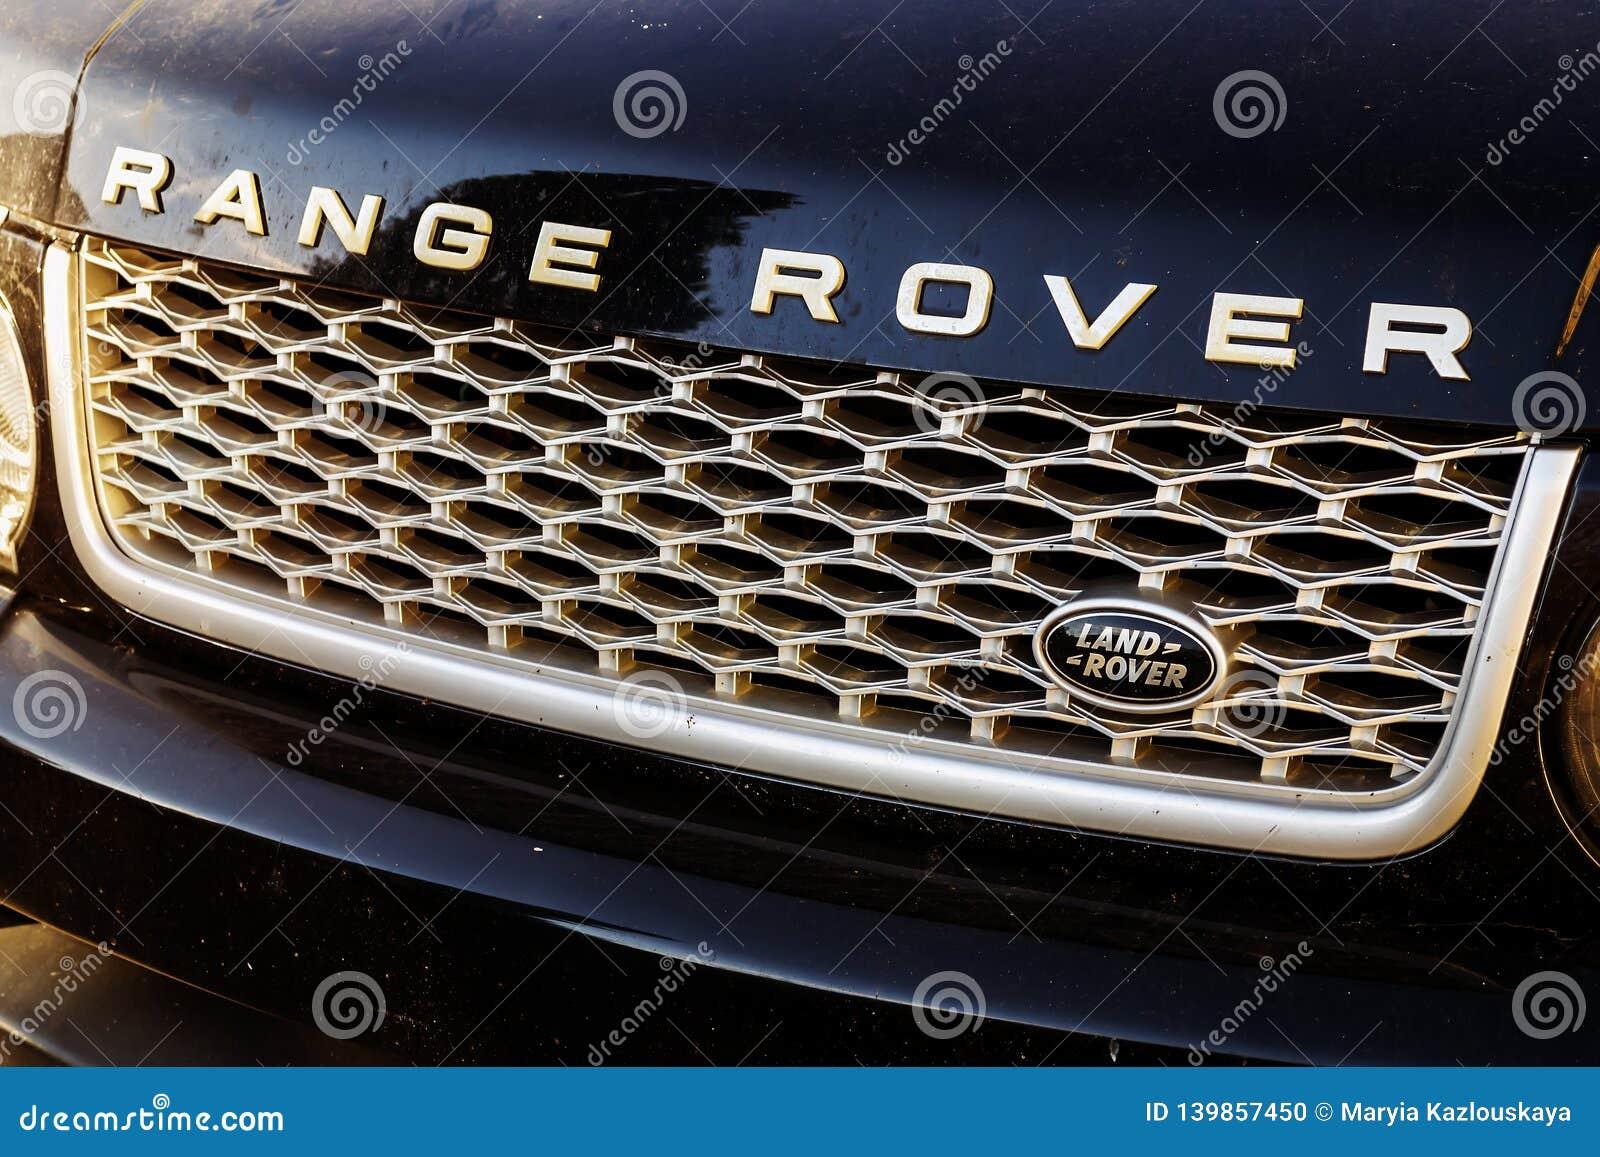 O close-up de Range Rover sujo croma a auto grade com logotipo de Land Rover